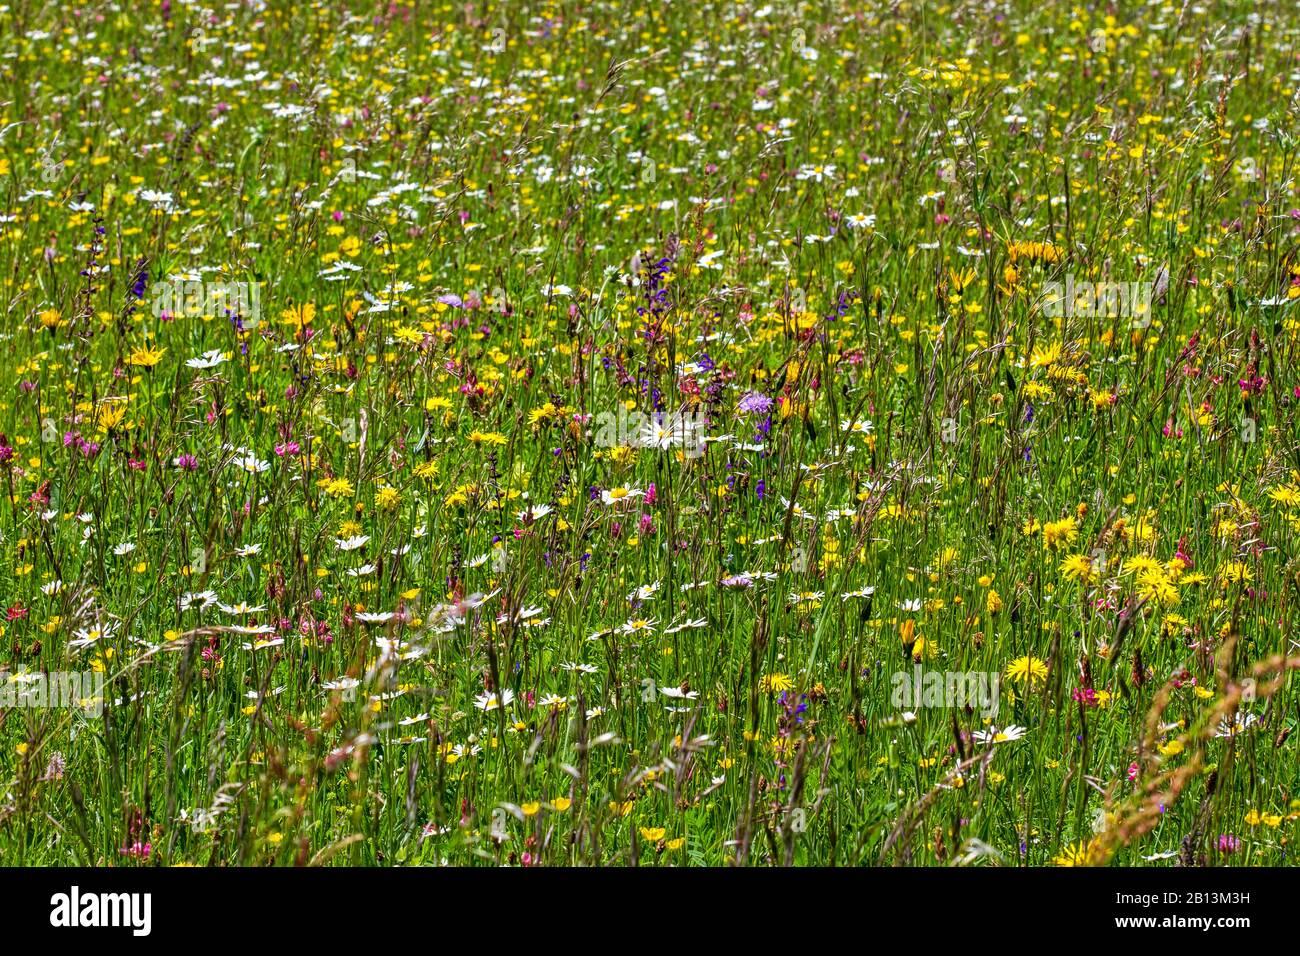 Pré-floraison riche en espèces , Allemagne, Bade-Wuerttemberg, Alb souabe Banque D'Images